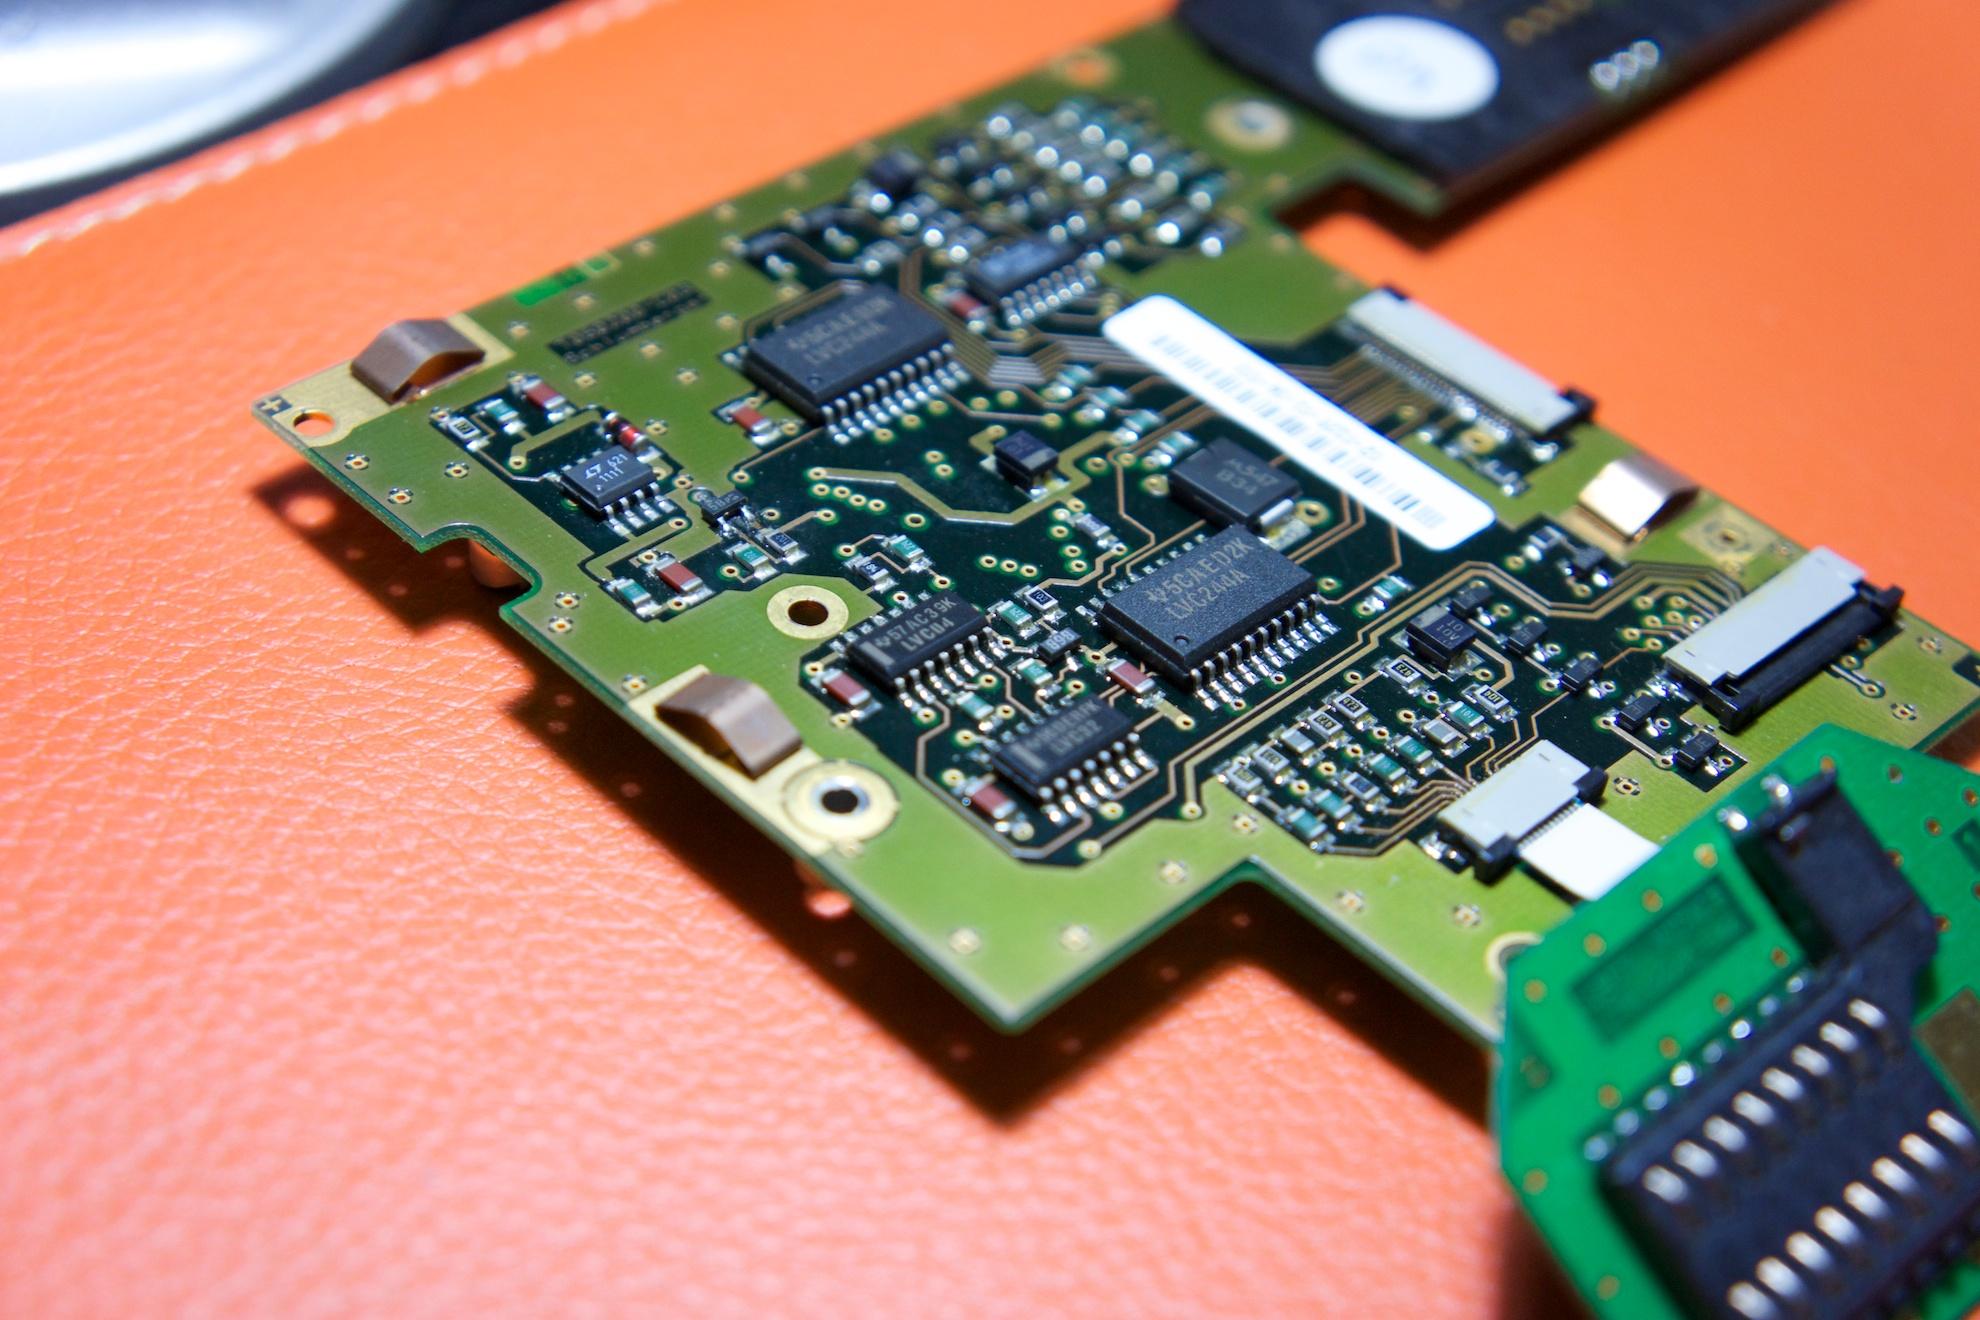 Une autre partie de l'électronique de Schlumberger, celle-ci est intégré dans le Newon sur le port d'extension interne et relié à la carte PCMCIA en photo au dessus.